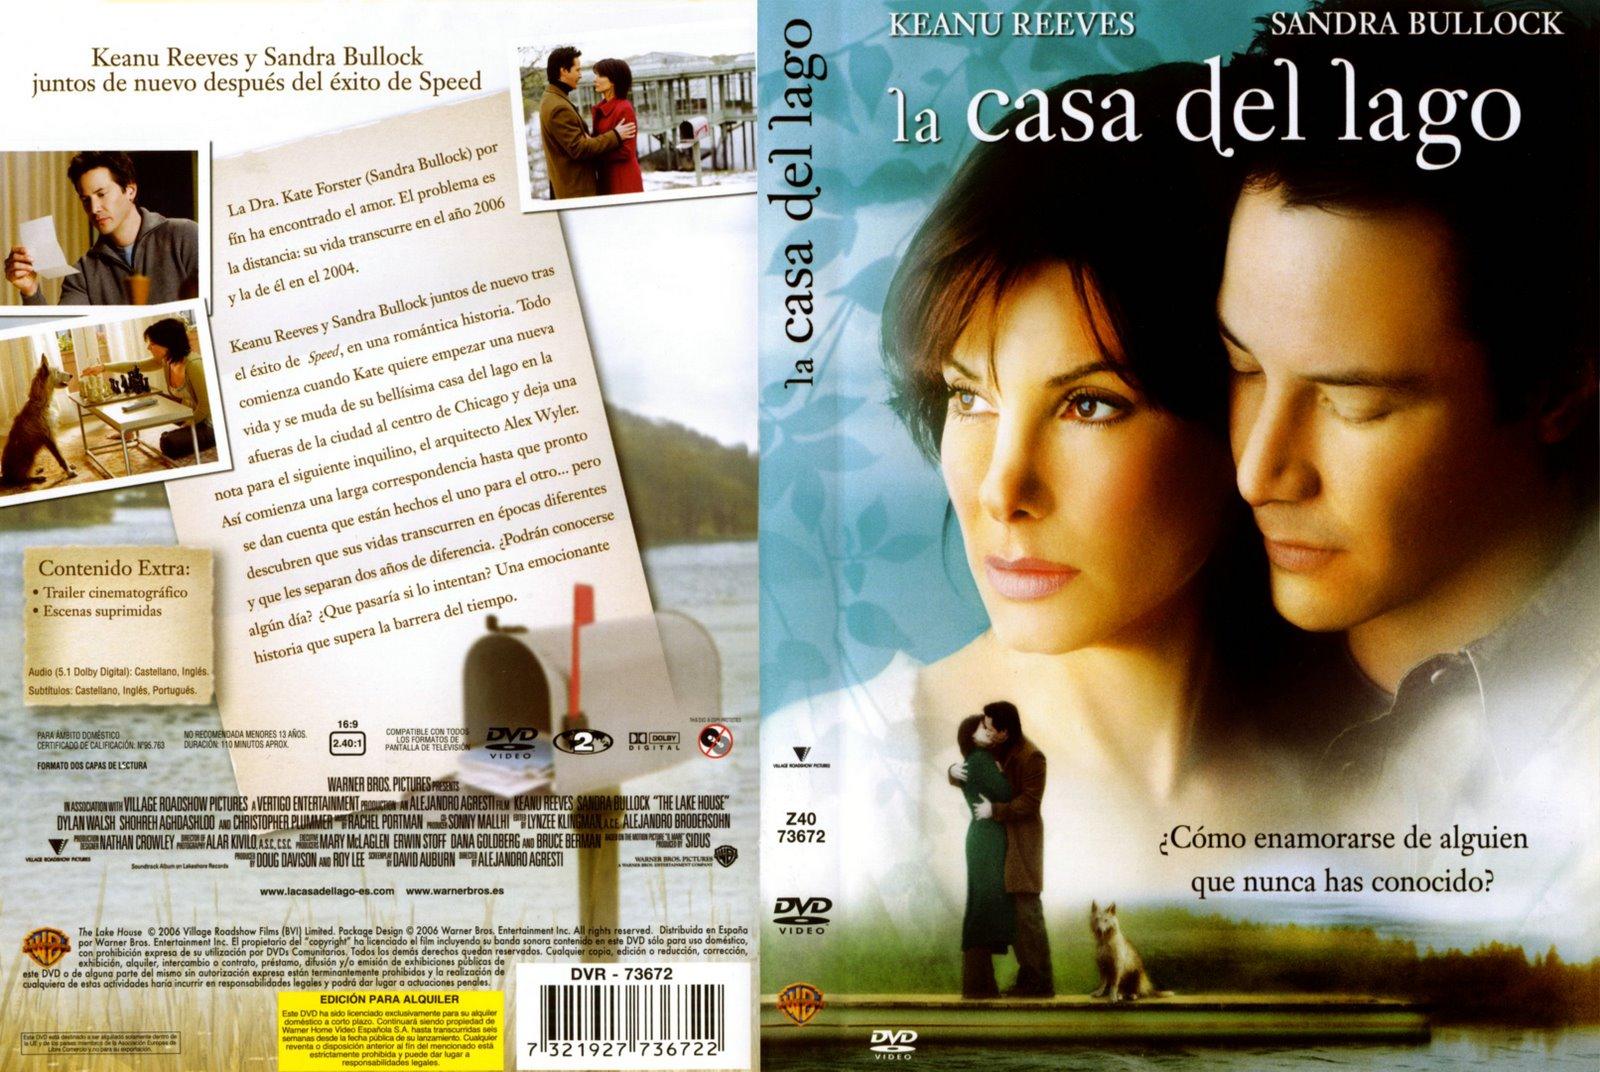 La casa del lago 2006 dvdrip latino drama identi - La casa del lago ...